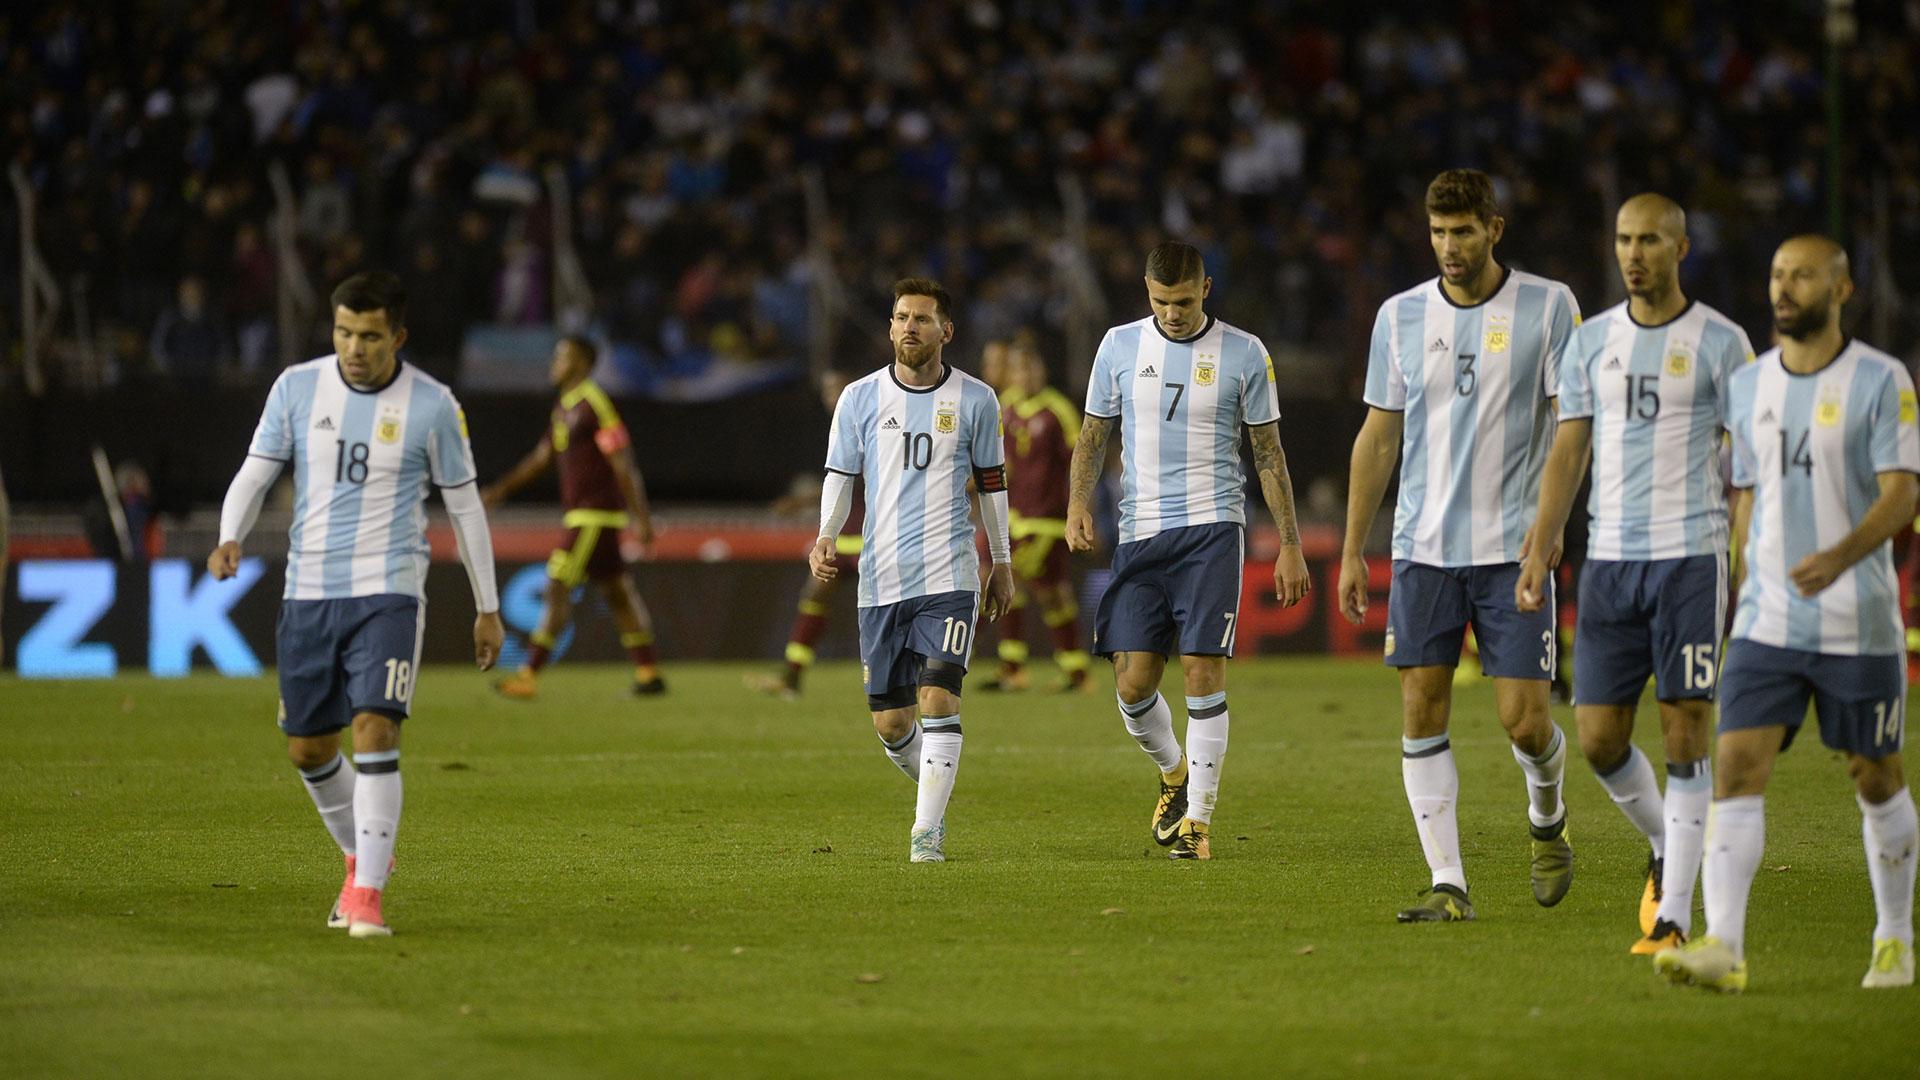 El partido contra Perú en el Monumental de la próxima fecha será trascendental (DyN)